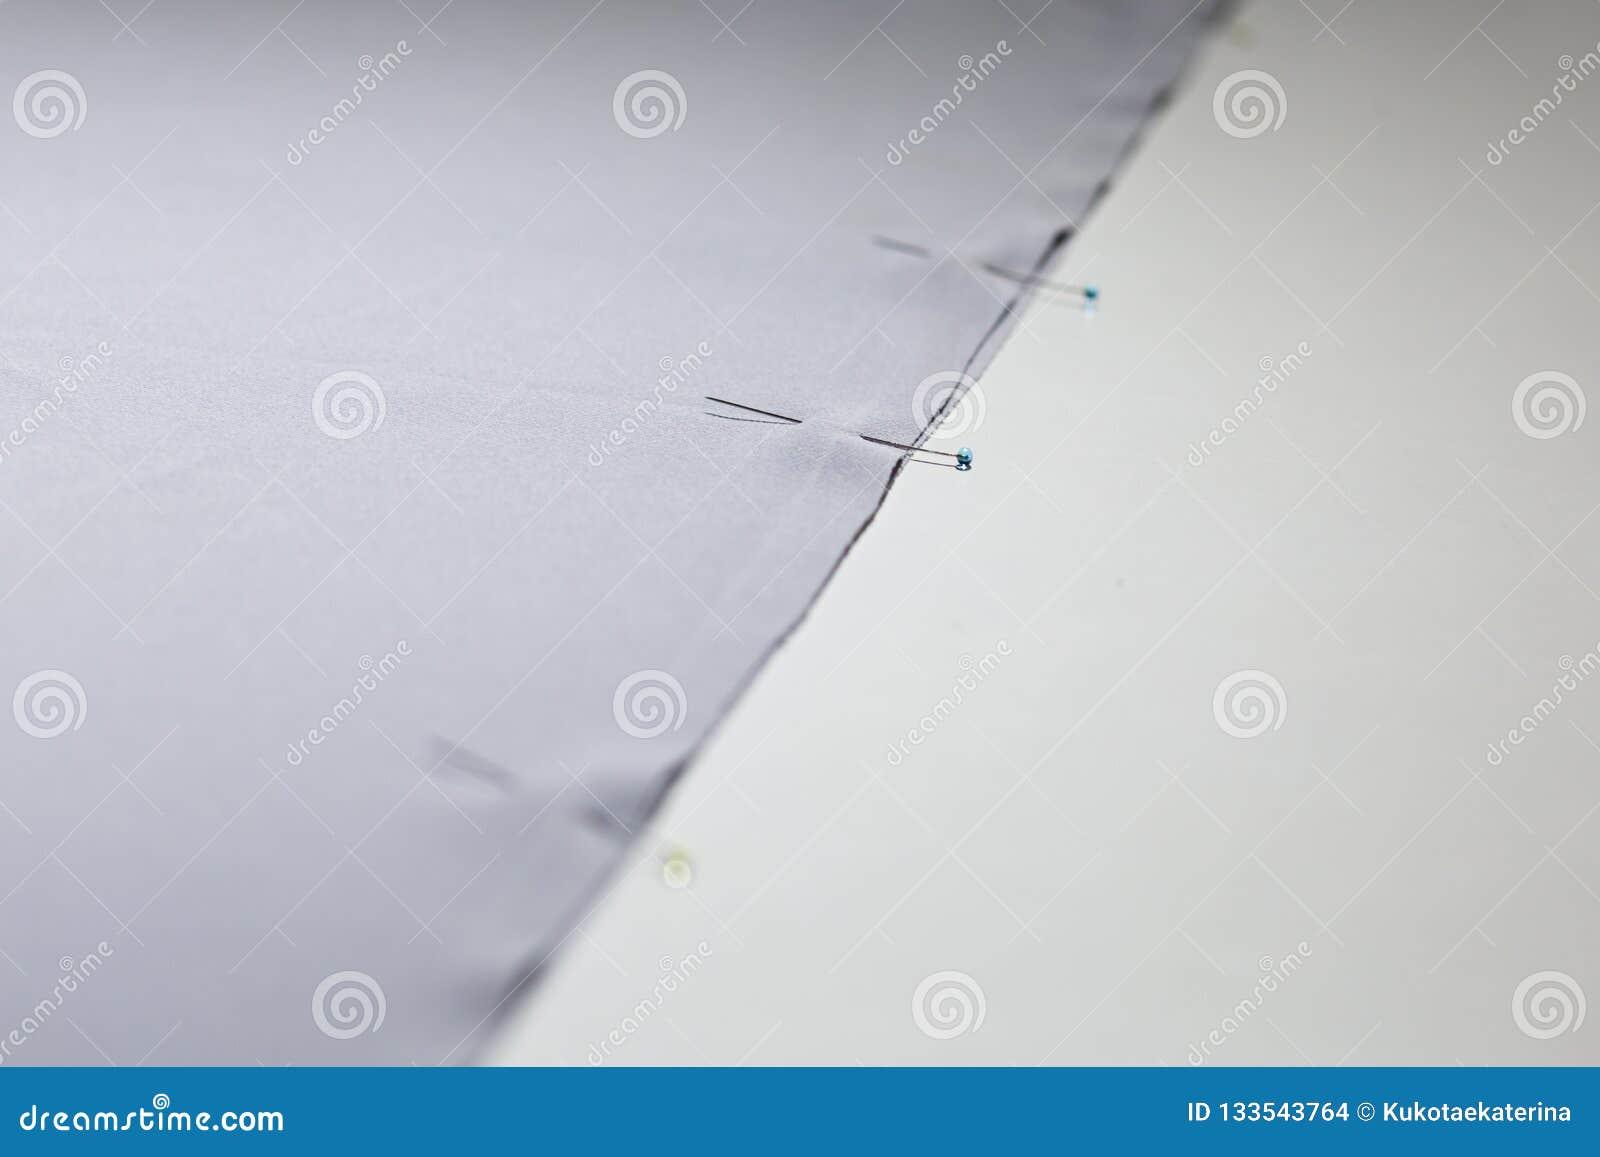 Δύο κομμάτια του υφάσματος που στερεώνεται με τις βελόνες Προσαρμόζοντας βιομηχανία